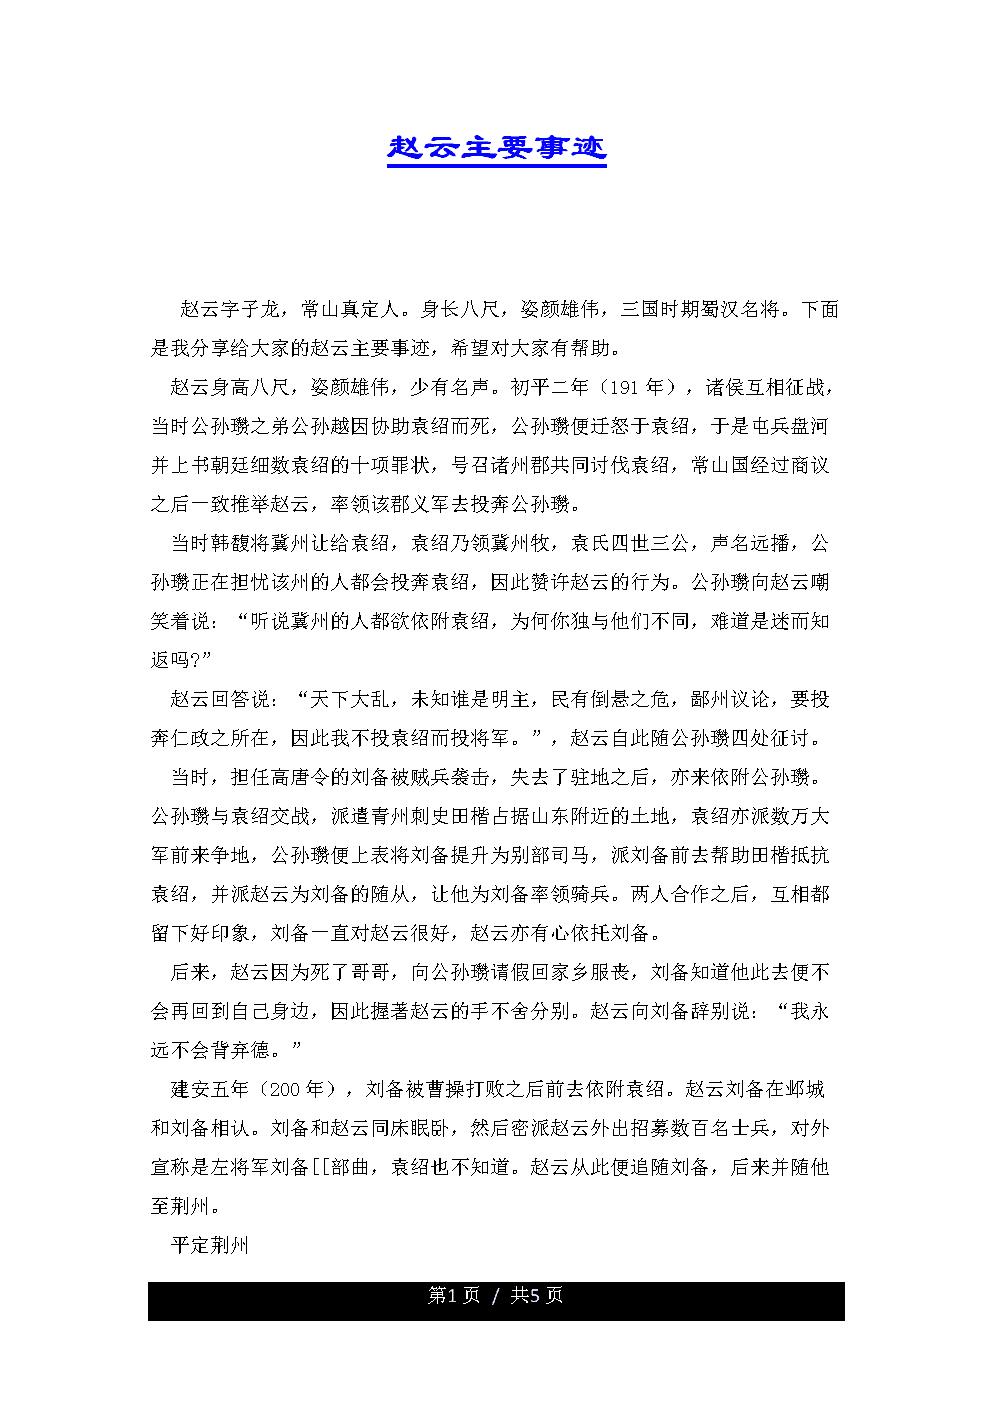 赵云主要事迹.docx